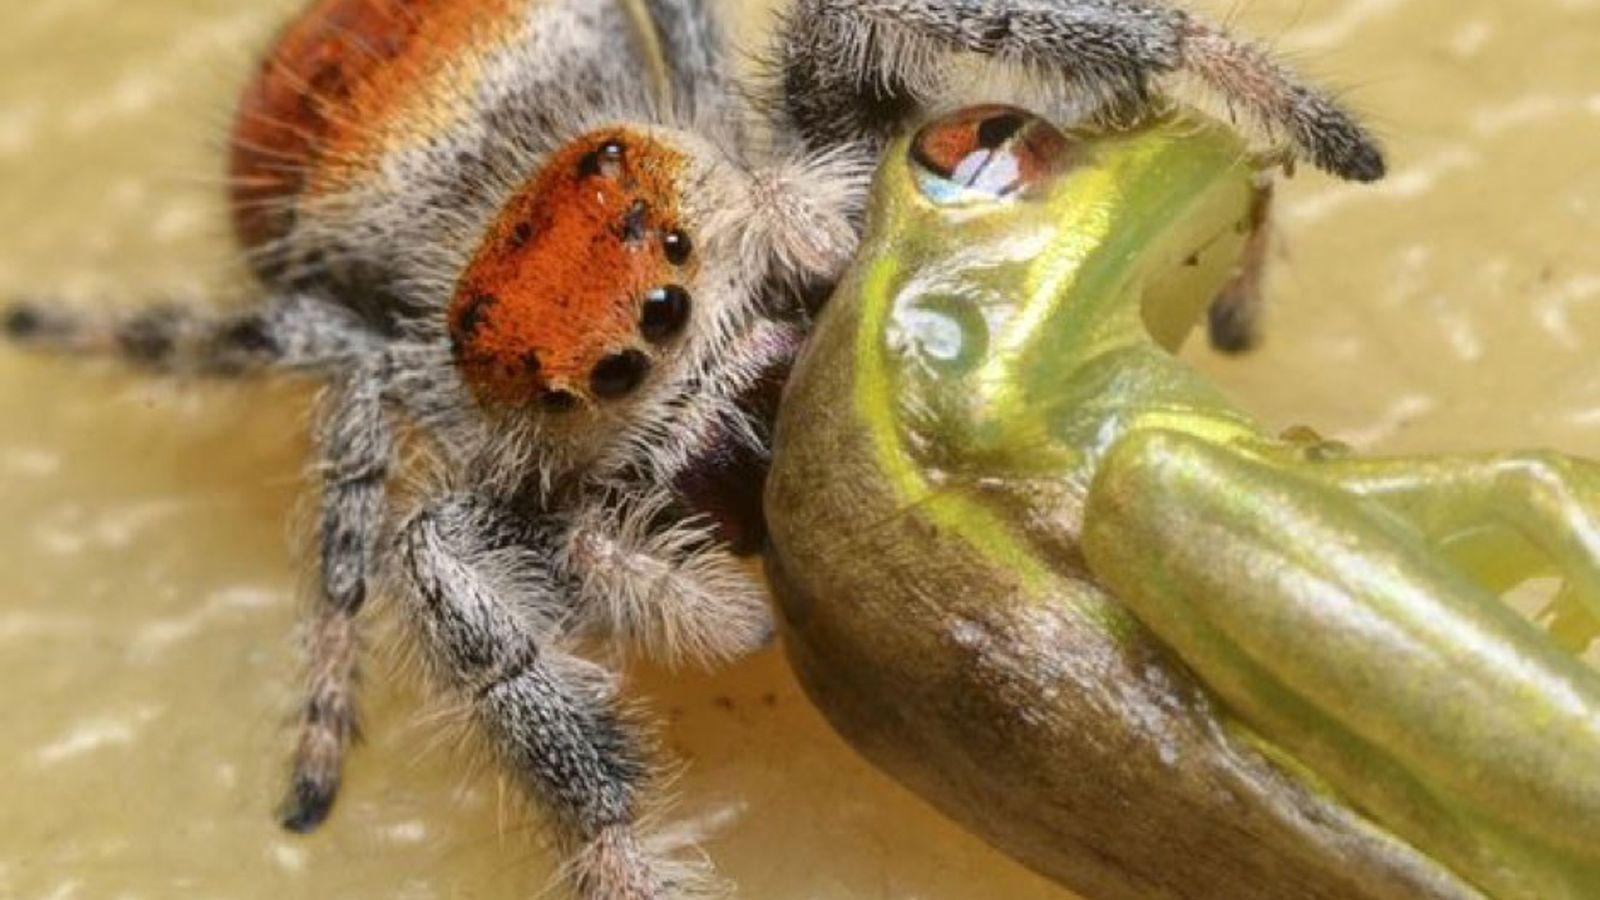 Aranhas minúsculas devoram lagartos três vezes maiores do que elas